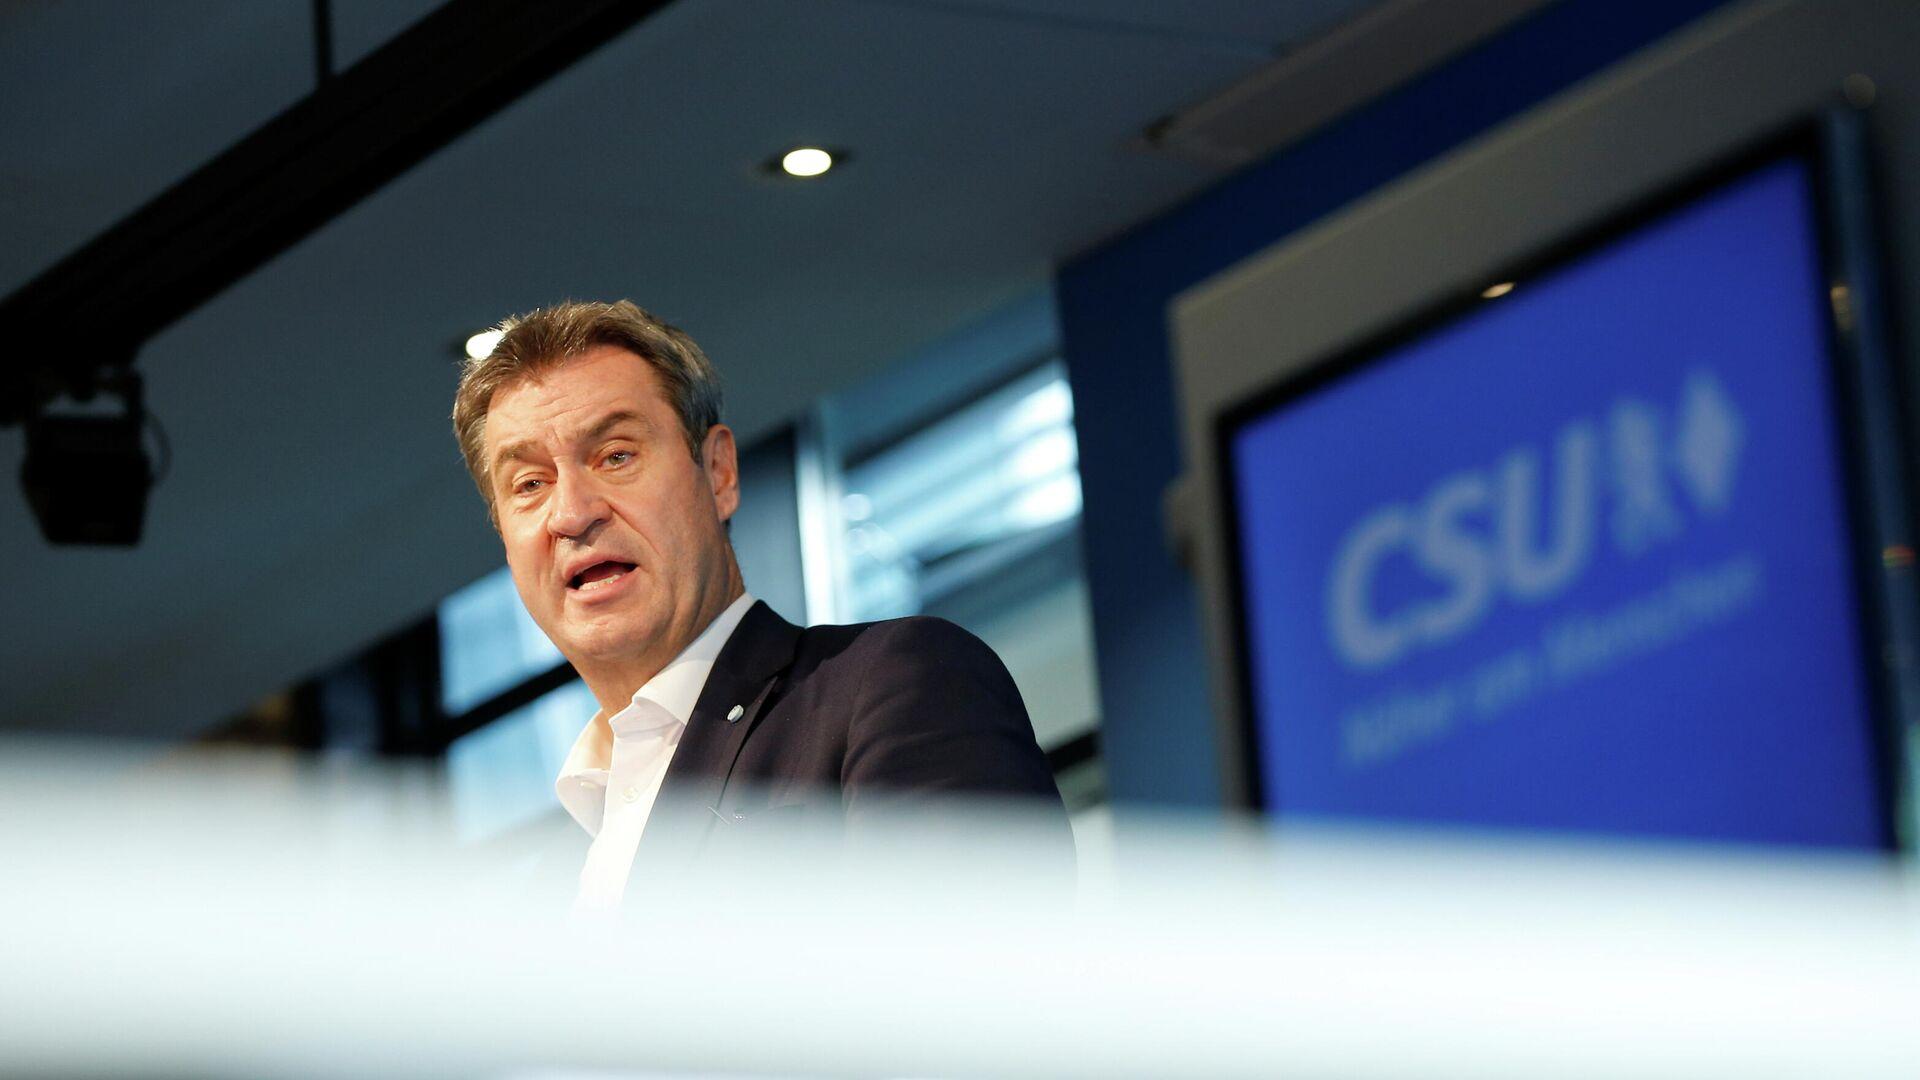 CSU-Vorsitzender Markus Söder bei der Pressekonferenz am 27. September 2021 - SNA, 1920, 27.09.2021